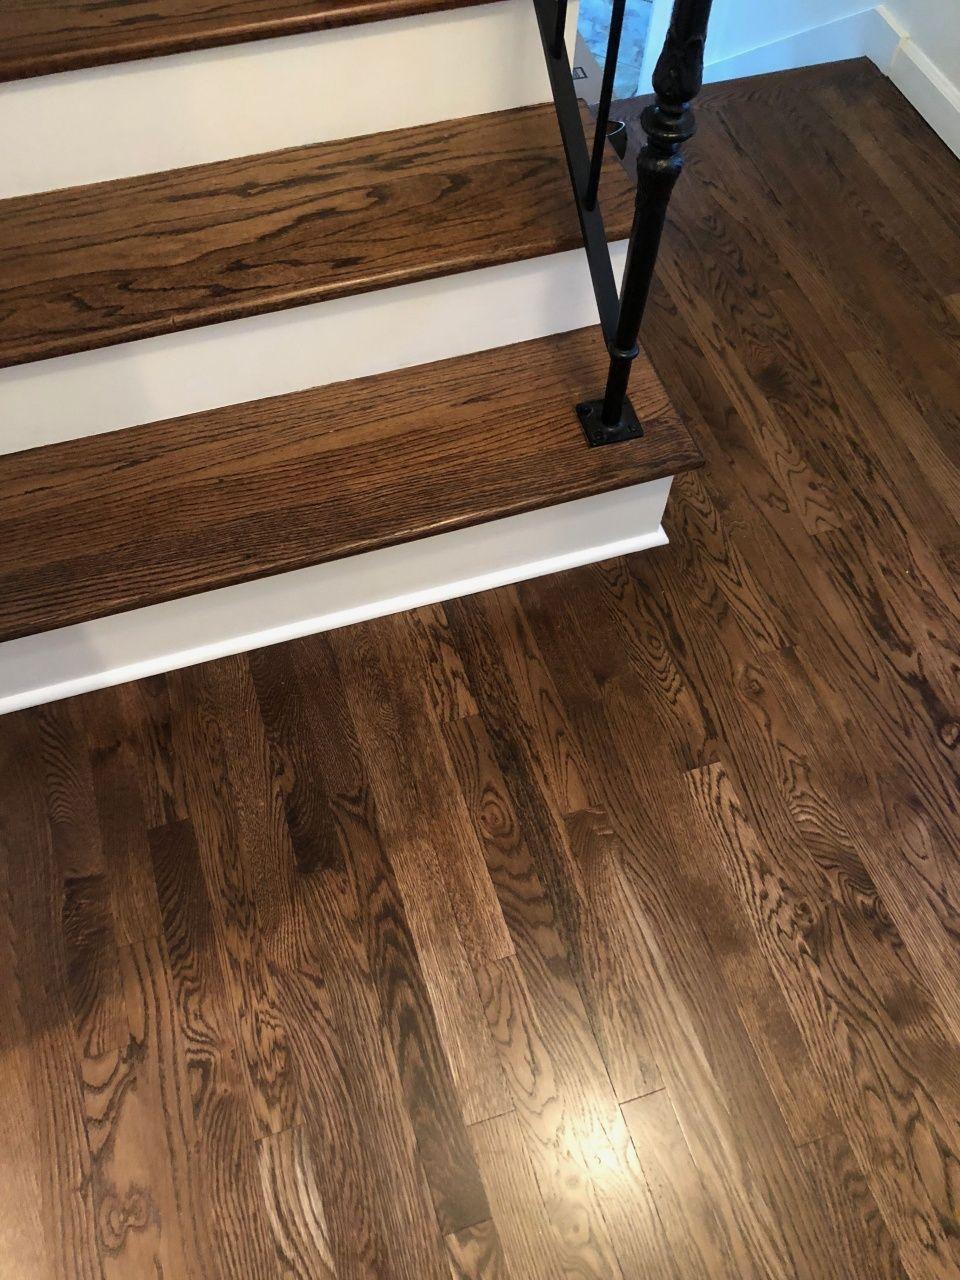 White Oak Vs Red Oak Flooring in 2020 Oak hardwood